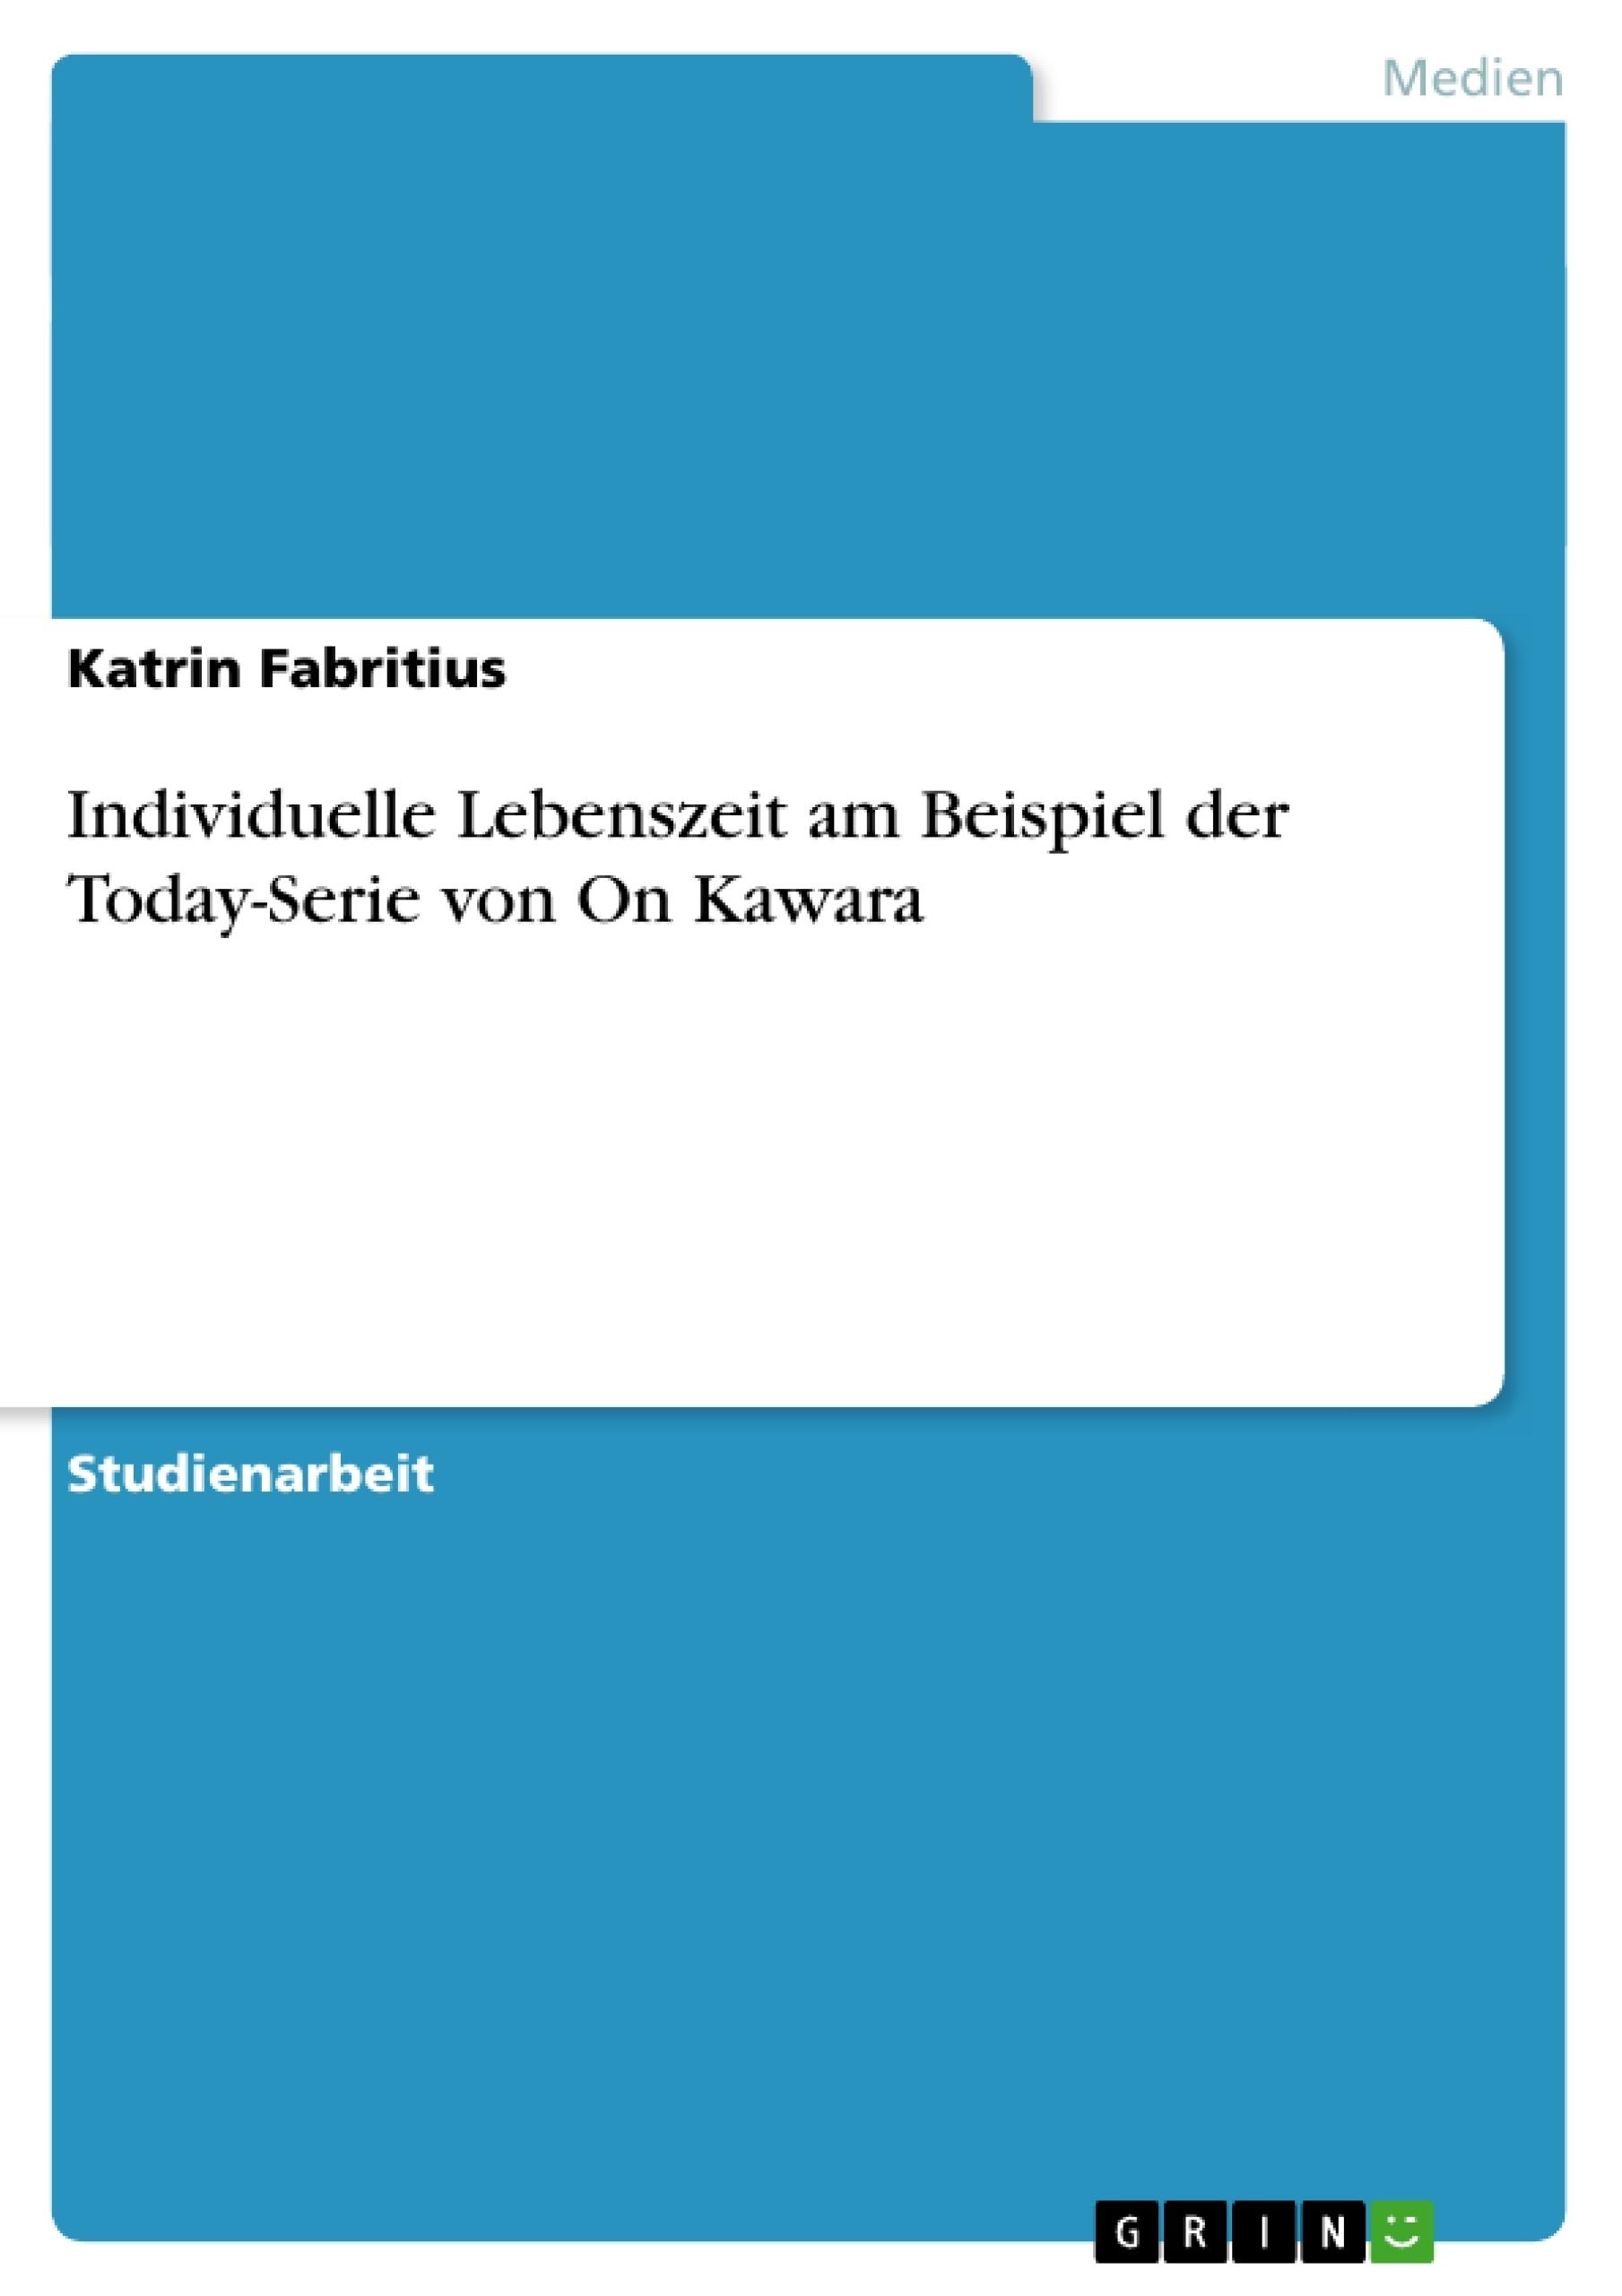 Titel: Individuelle Lebenszeit am Beispiel der Today-Serie von On Kawara